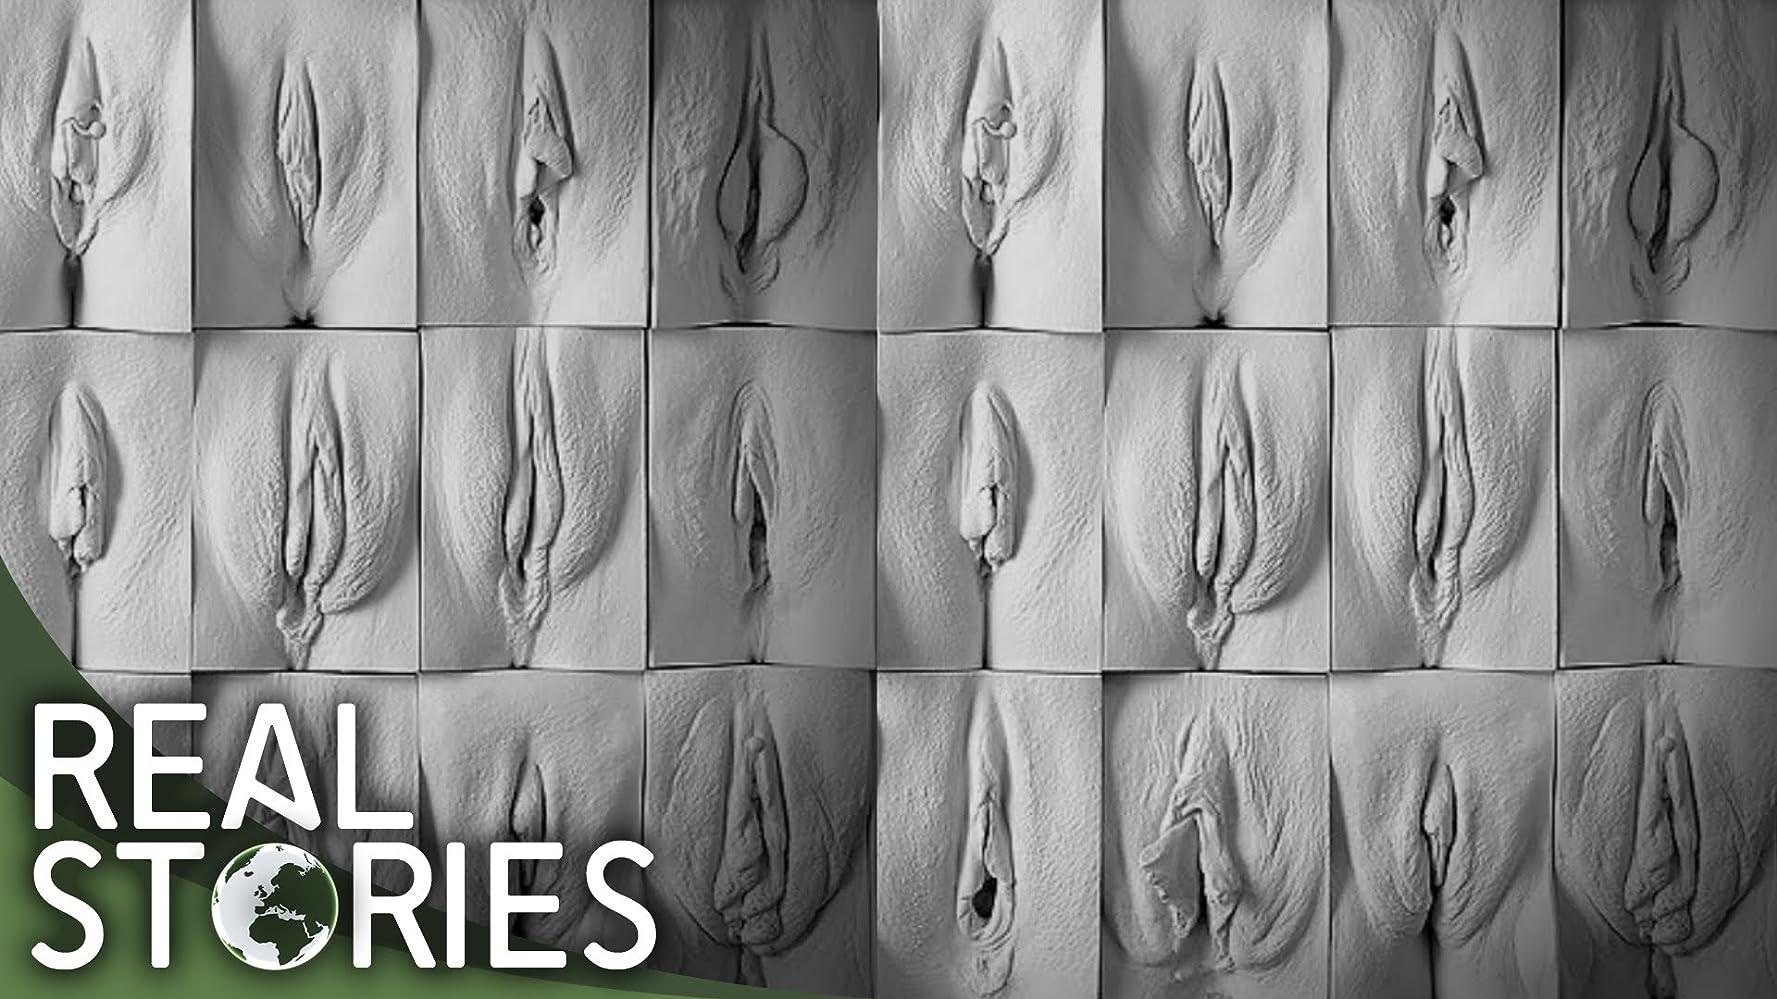 Picture of vagina with peanus